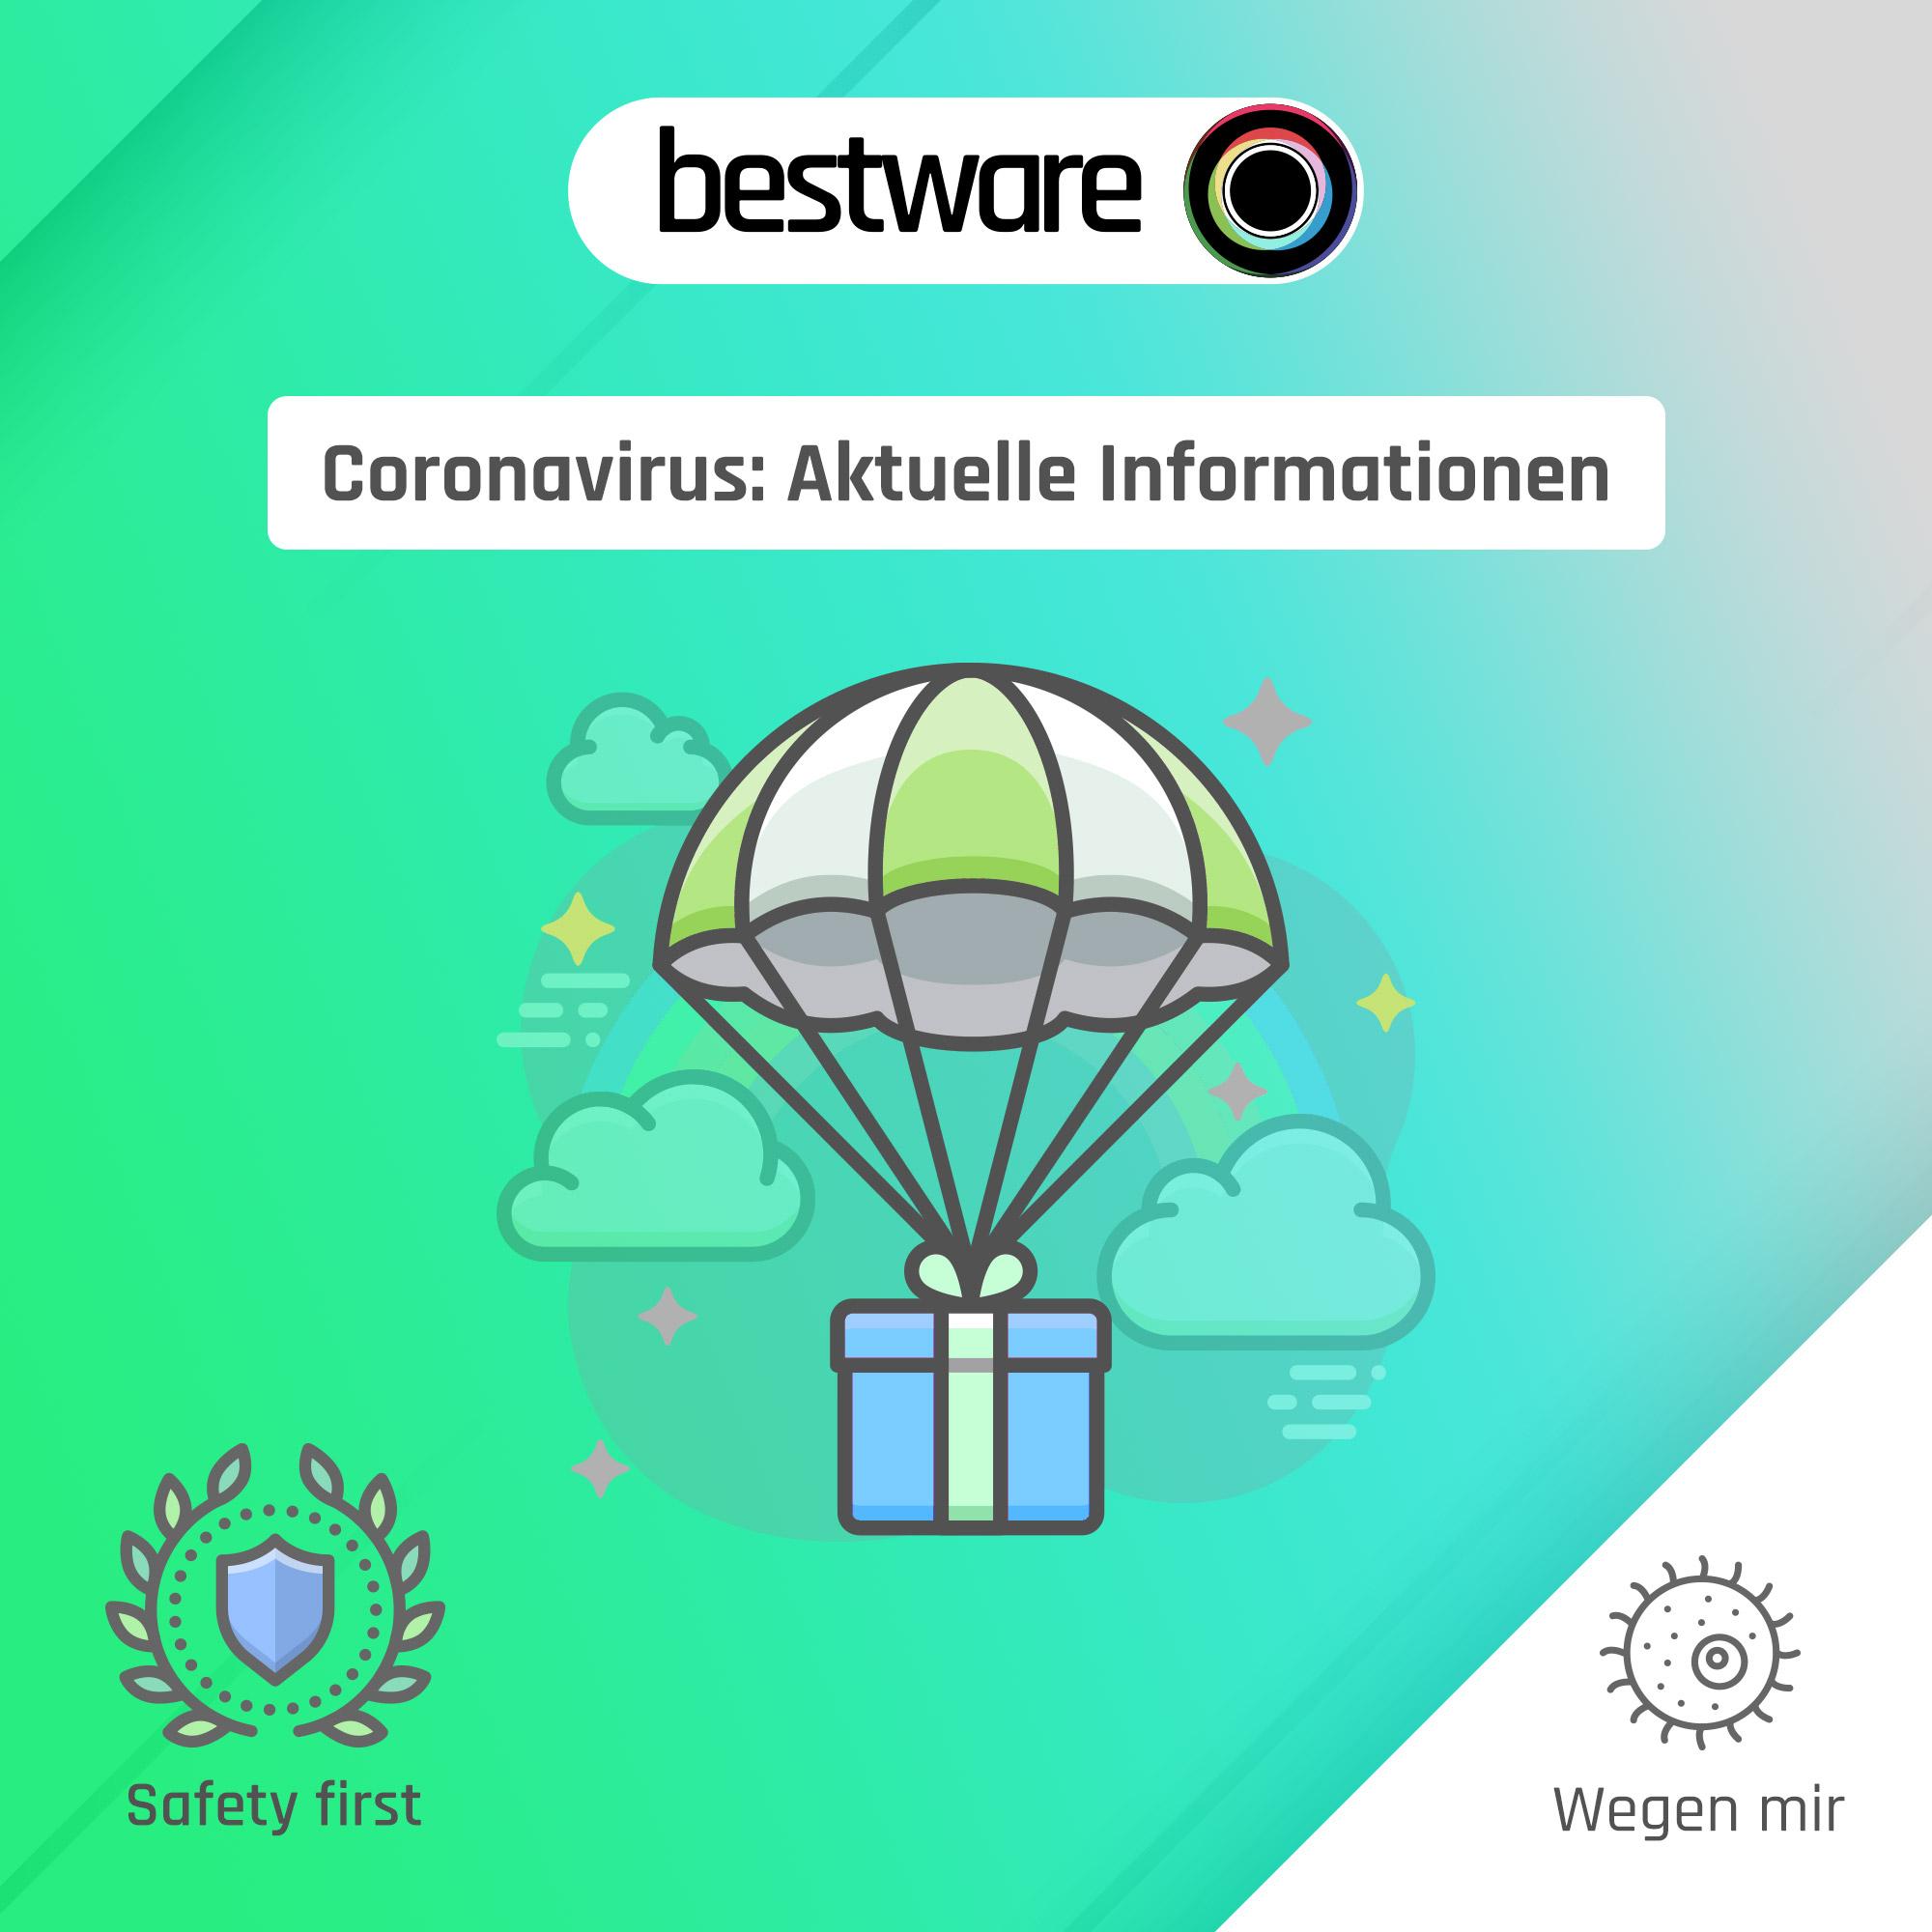 bestware Coronavirus Informationen